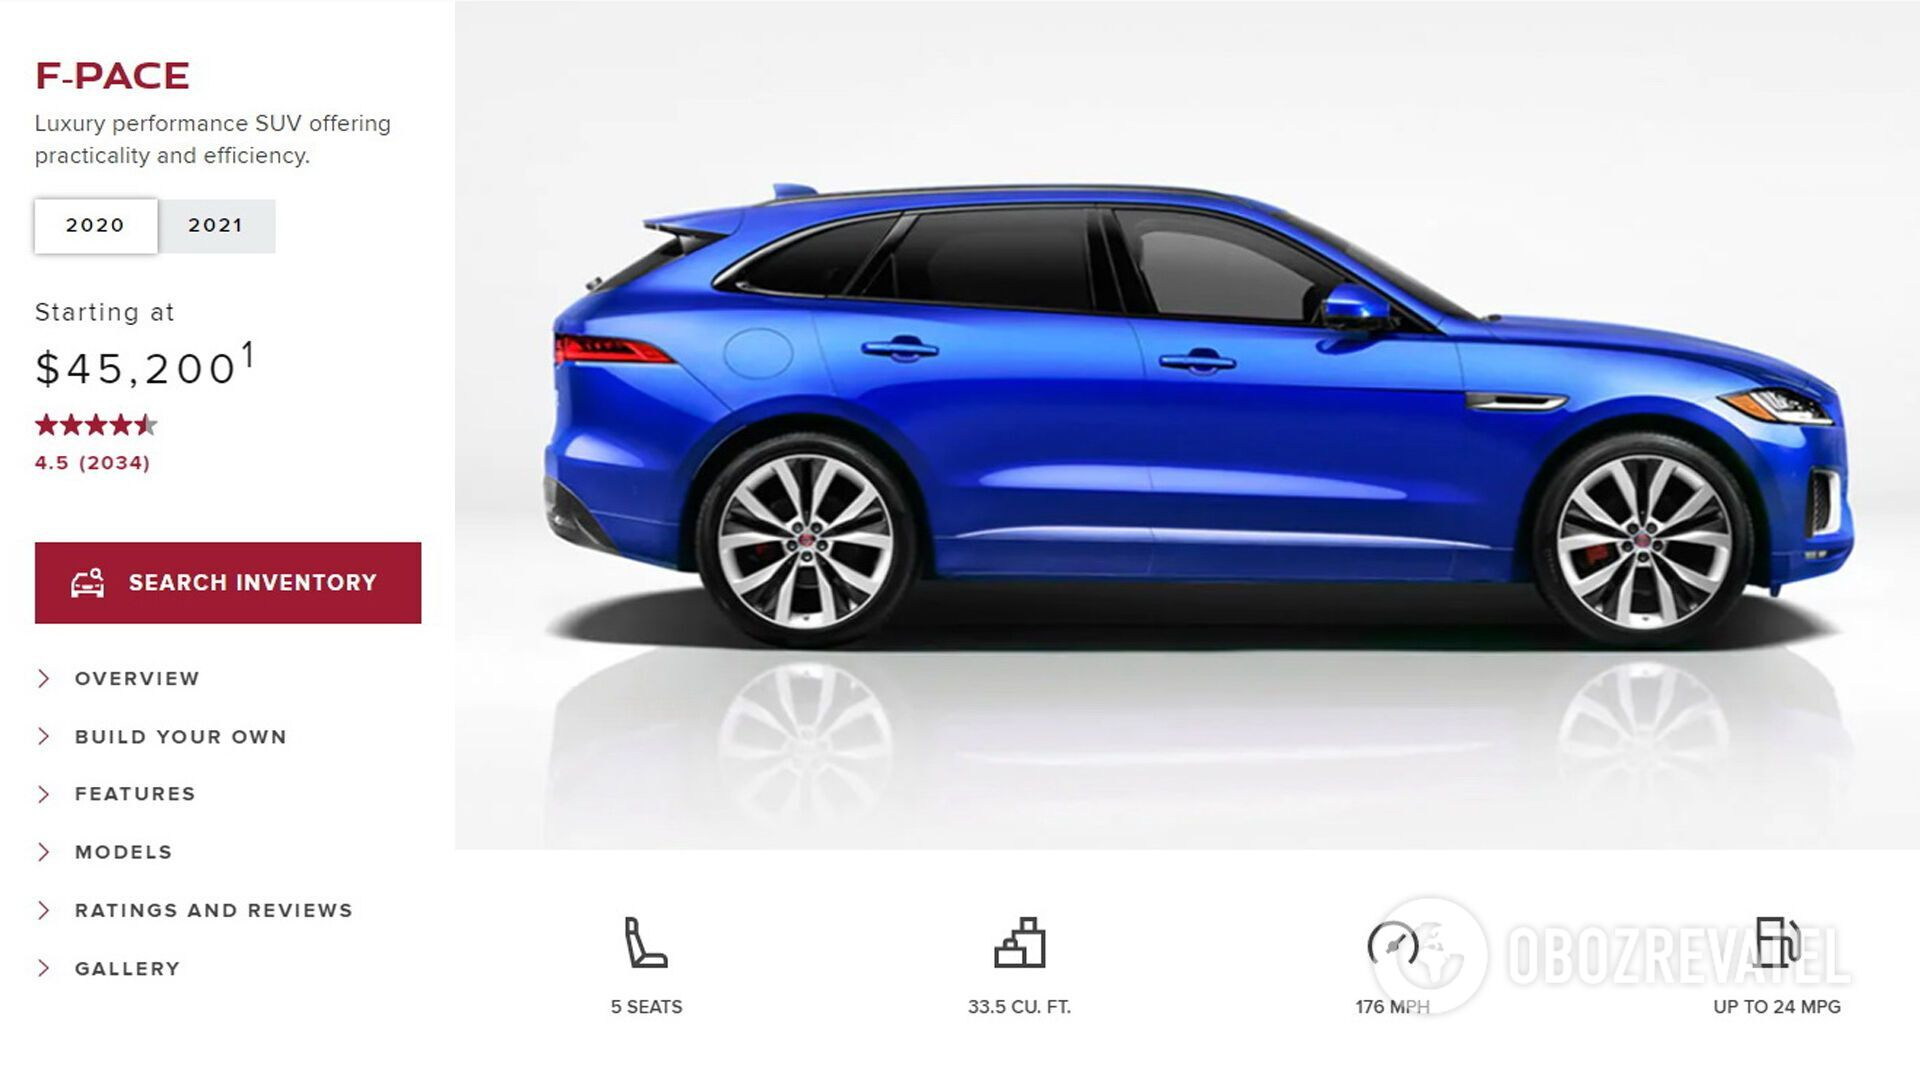 У официального дилера марки Jaguar в США модель F-Pace 2021 года стоит от $49995